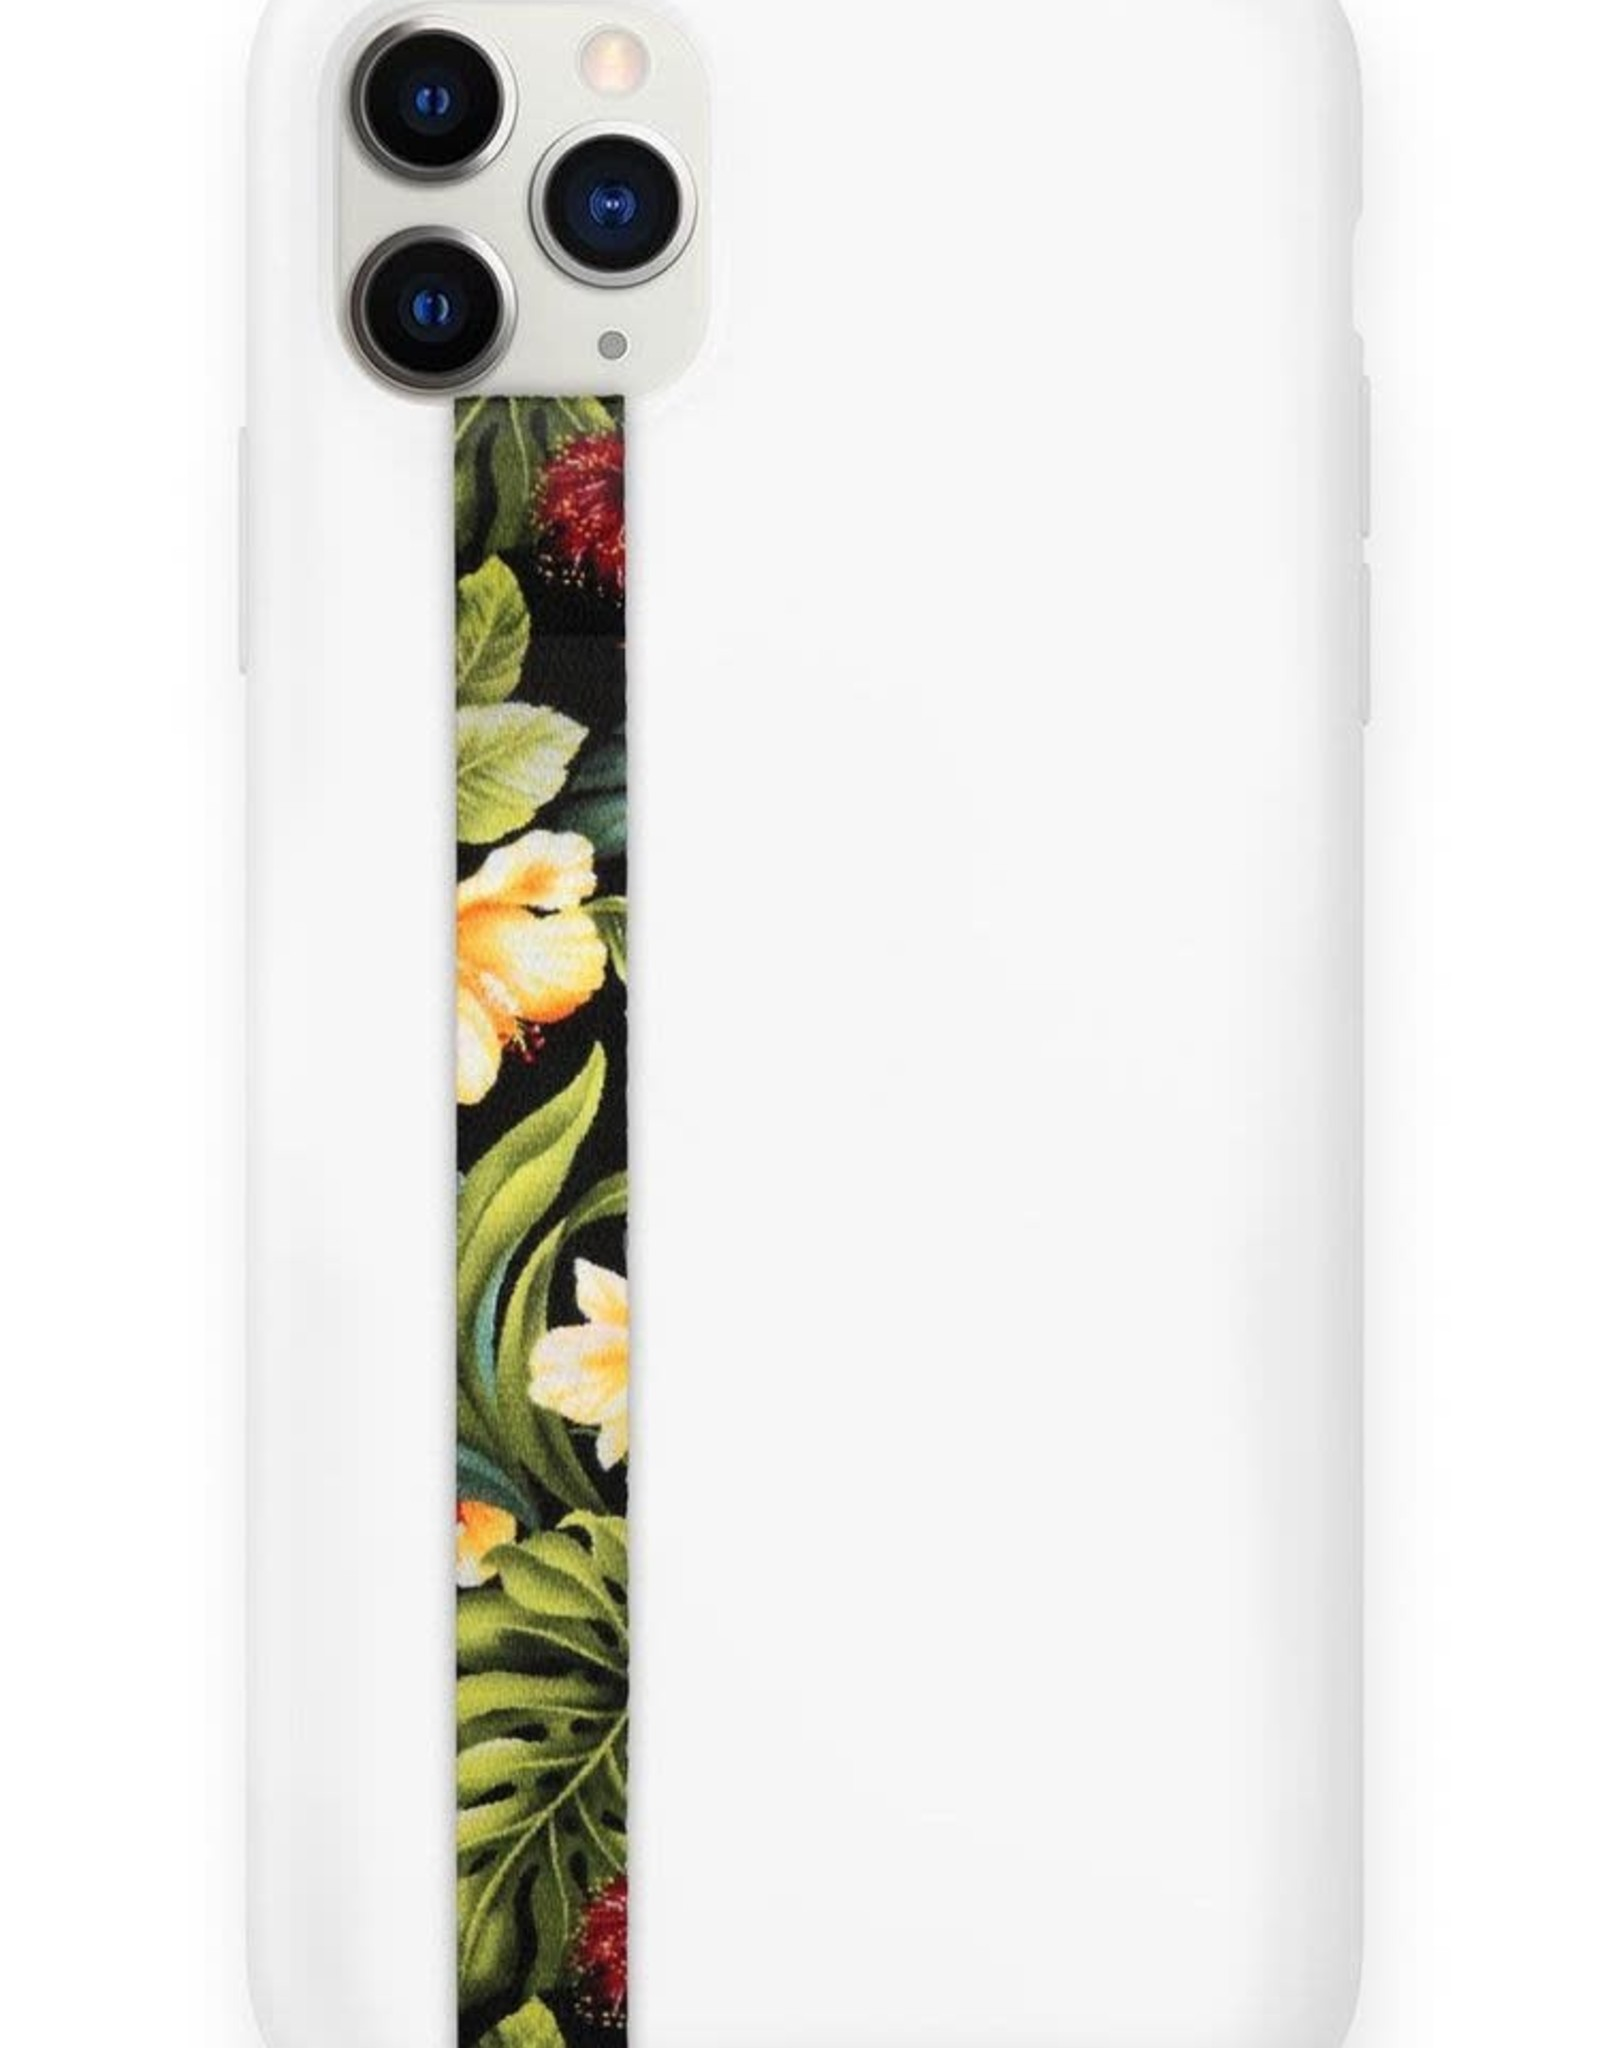 Sangle à cellulaire par Phone loops: Floral